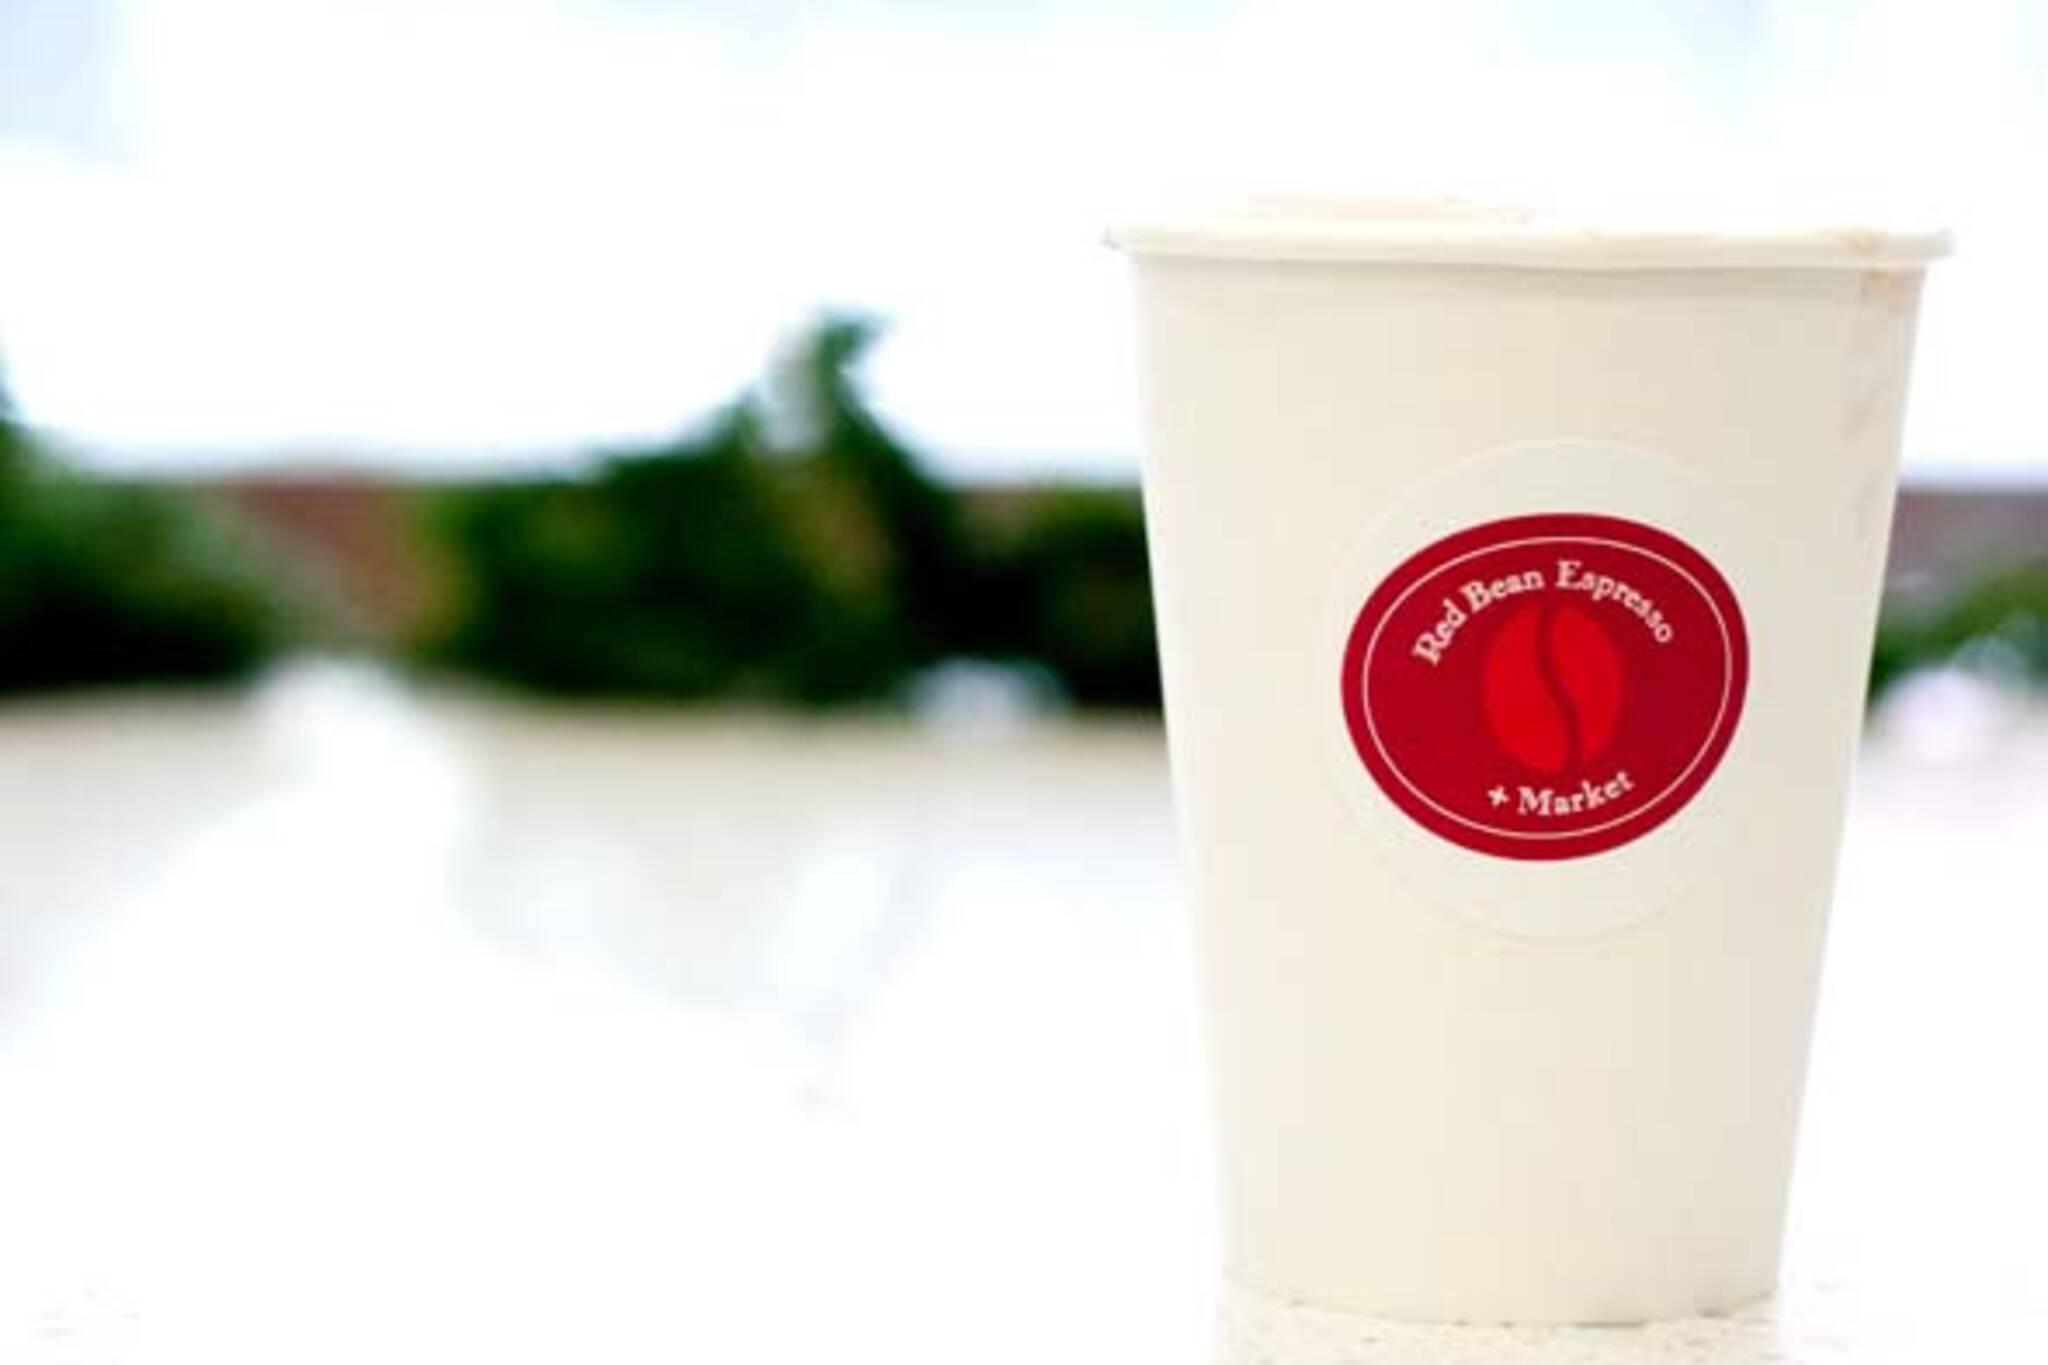 Red Bean Espresso